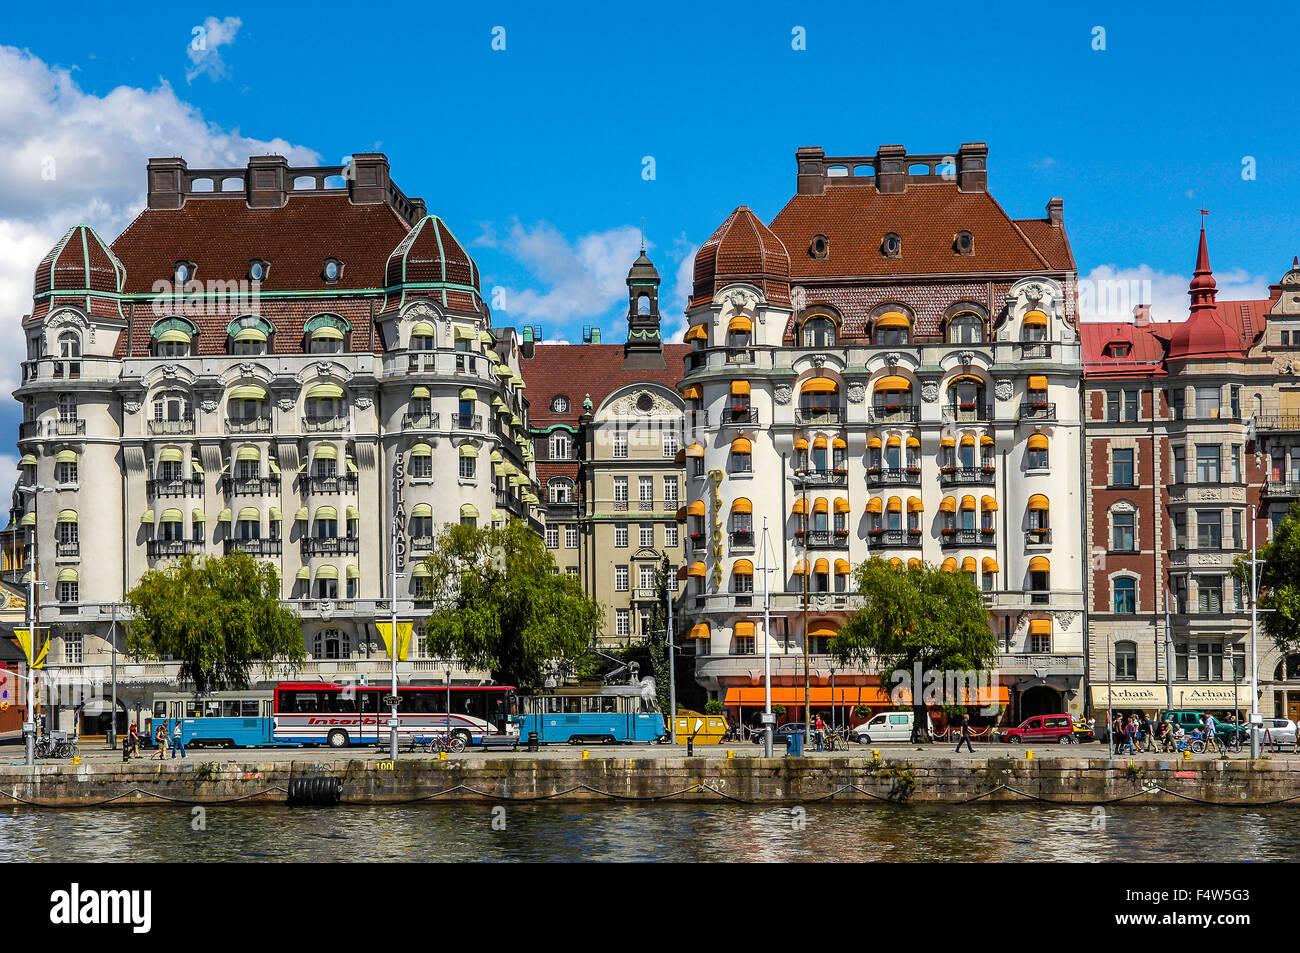 Svezia Stoccolma stile Liberty edifici con Hotel Diplomat sul lato destro Immagini Stock